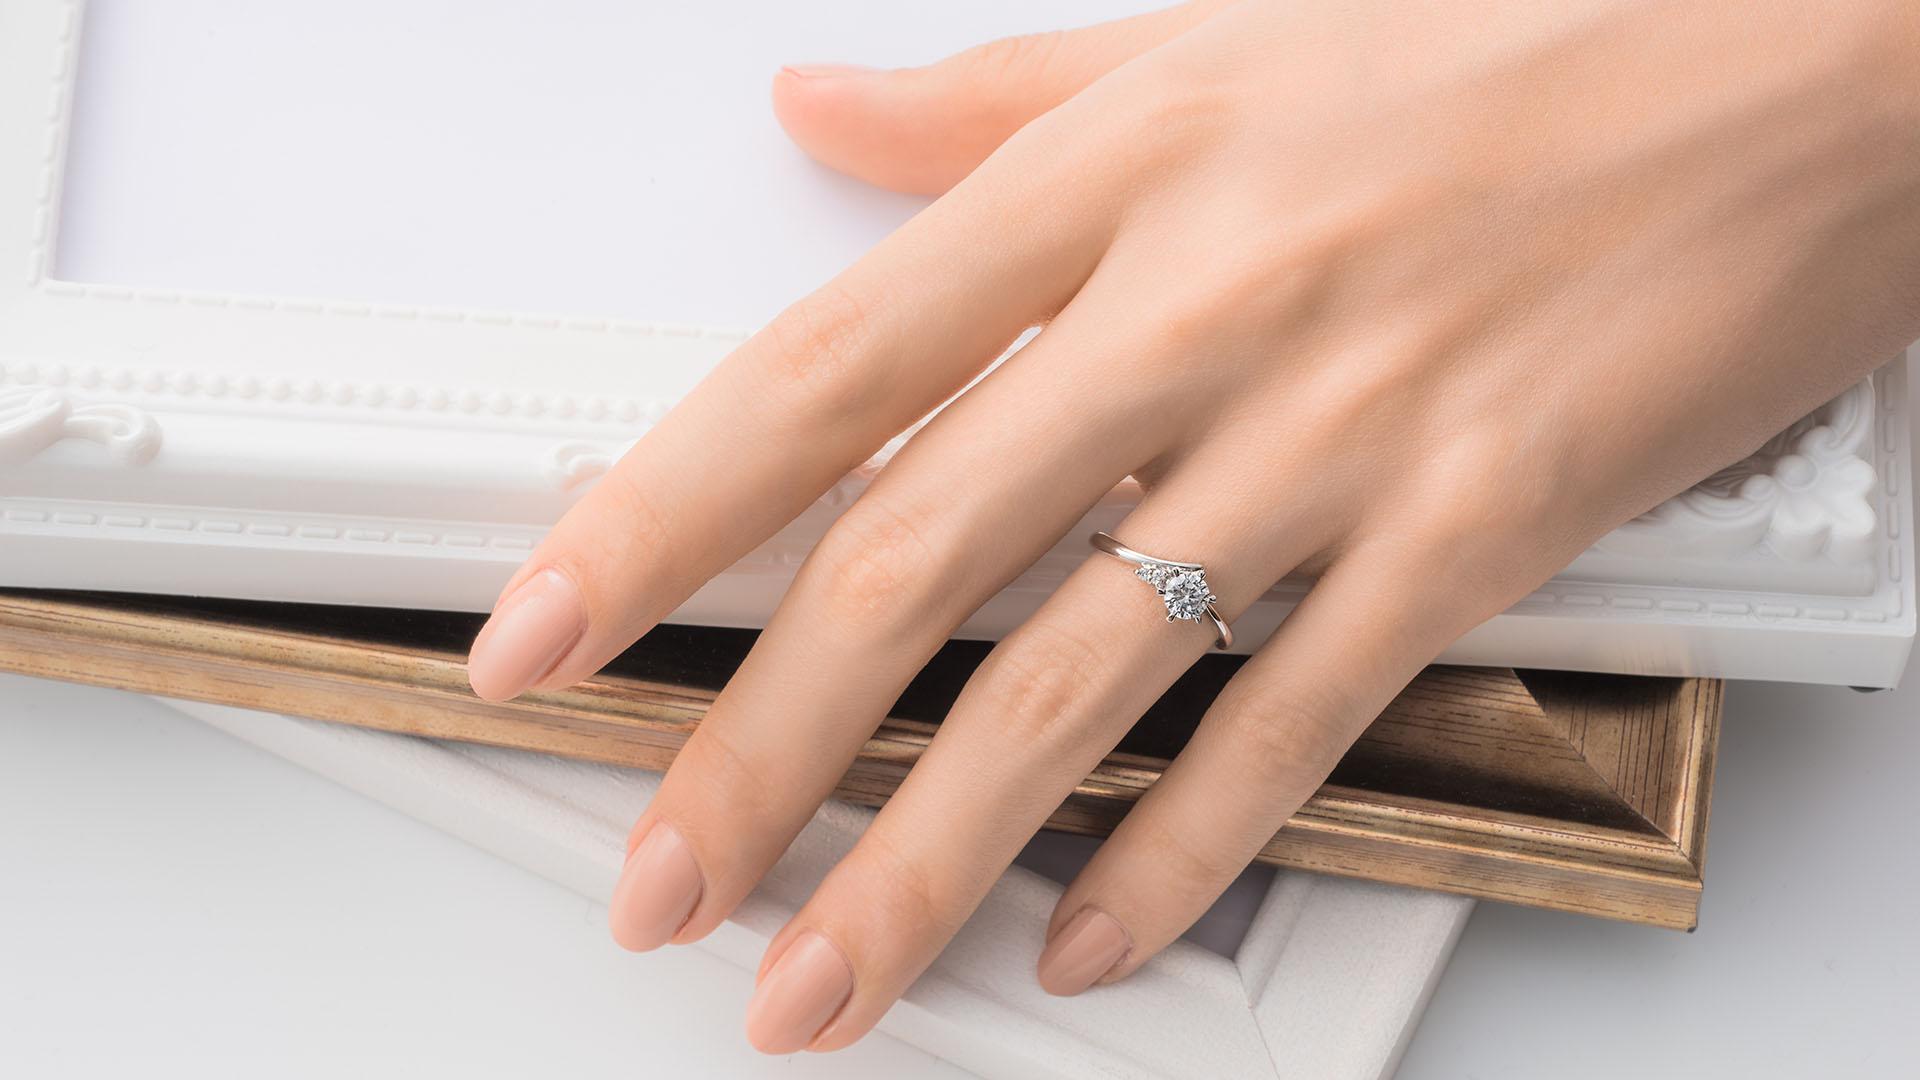 mira ミラ | 婚約指輪サムネイル 3